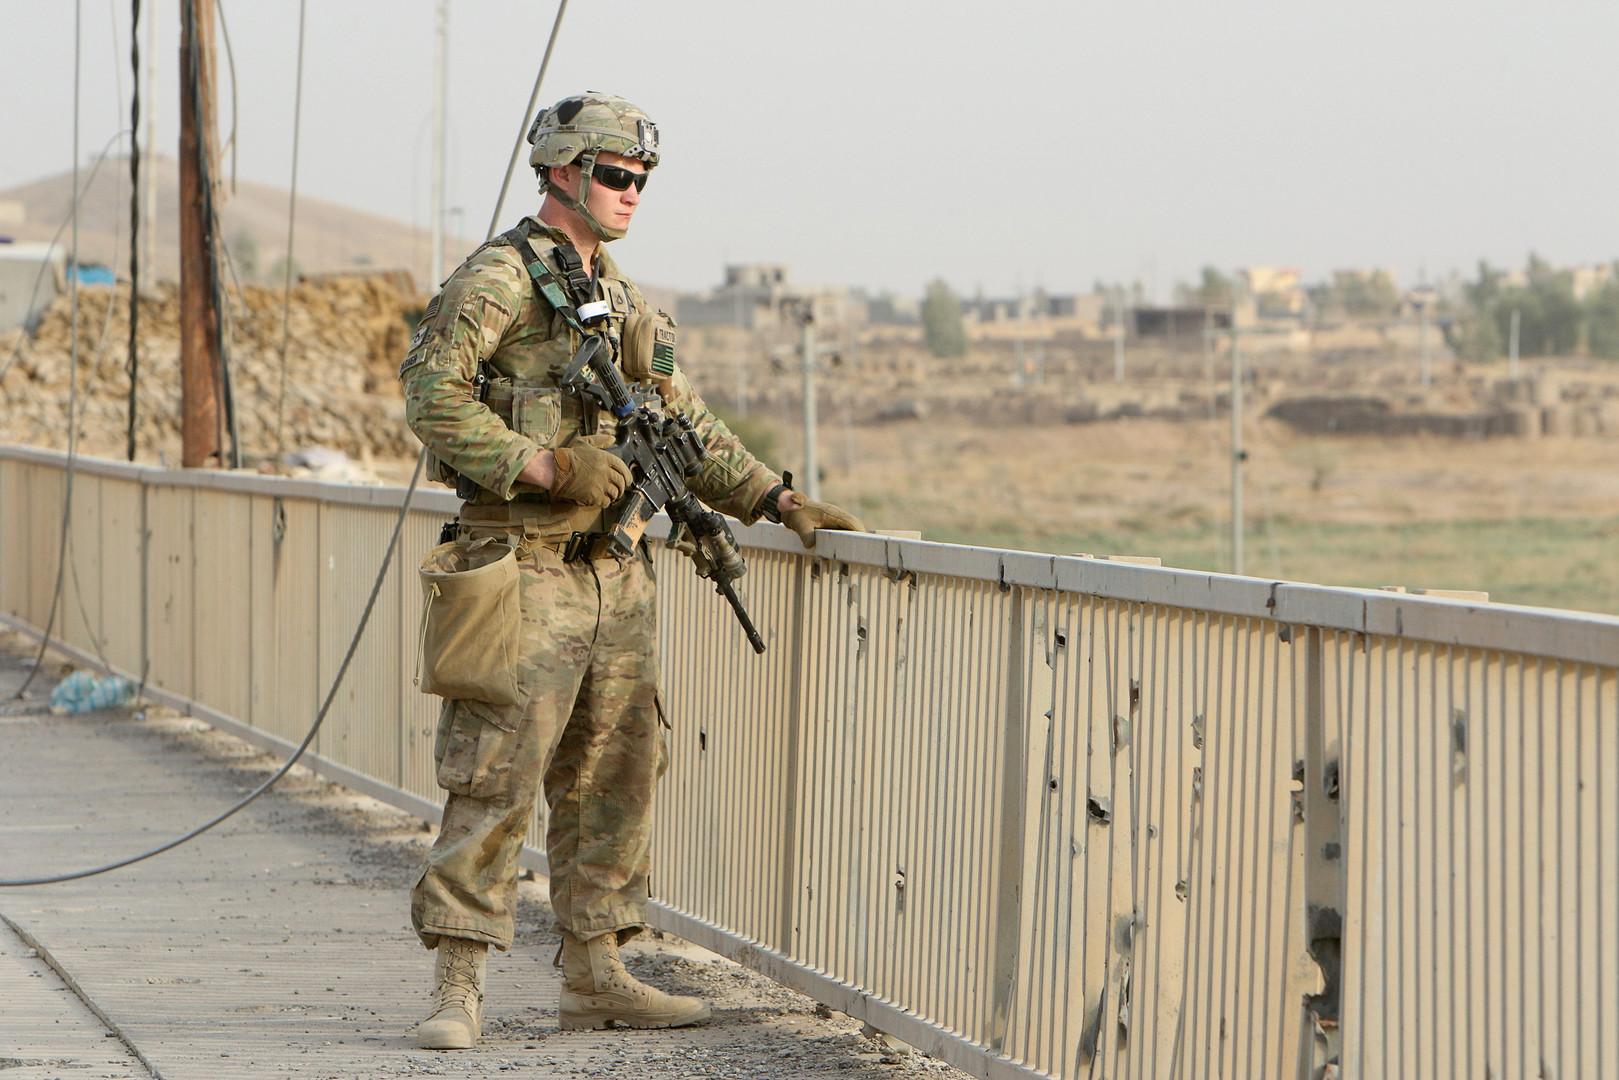 СМИ: поддерживаемые американцами повстанцы вытеснили отряды США из сирийского Ар-Раи